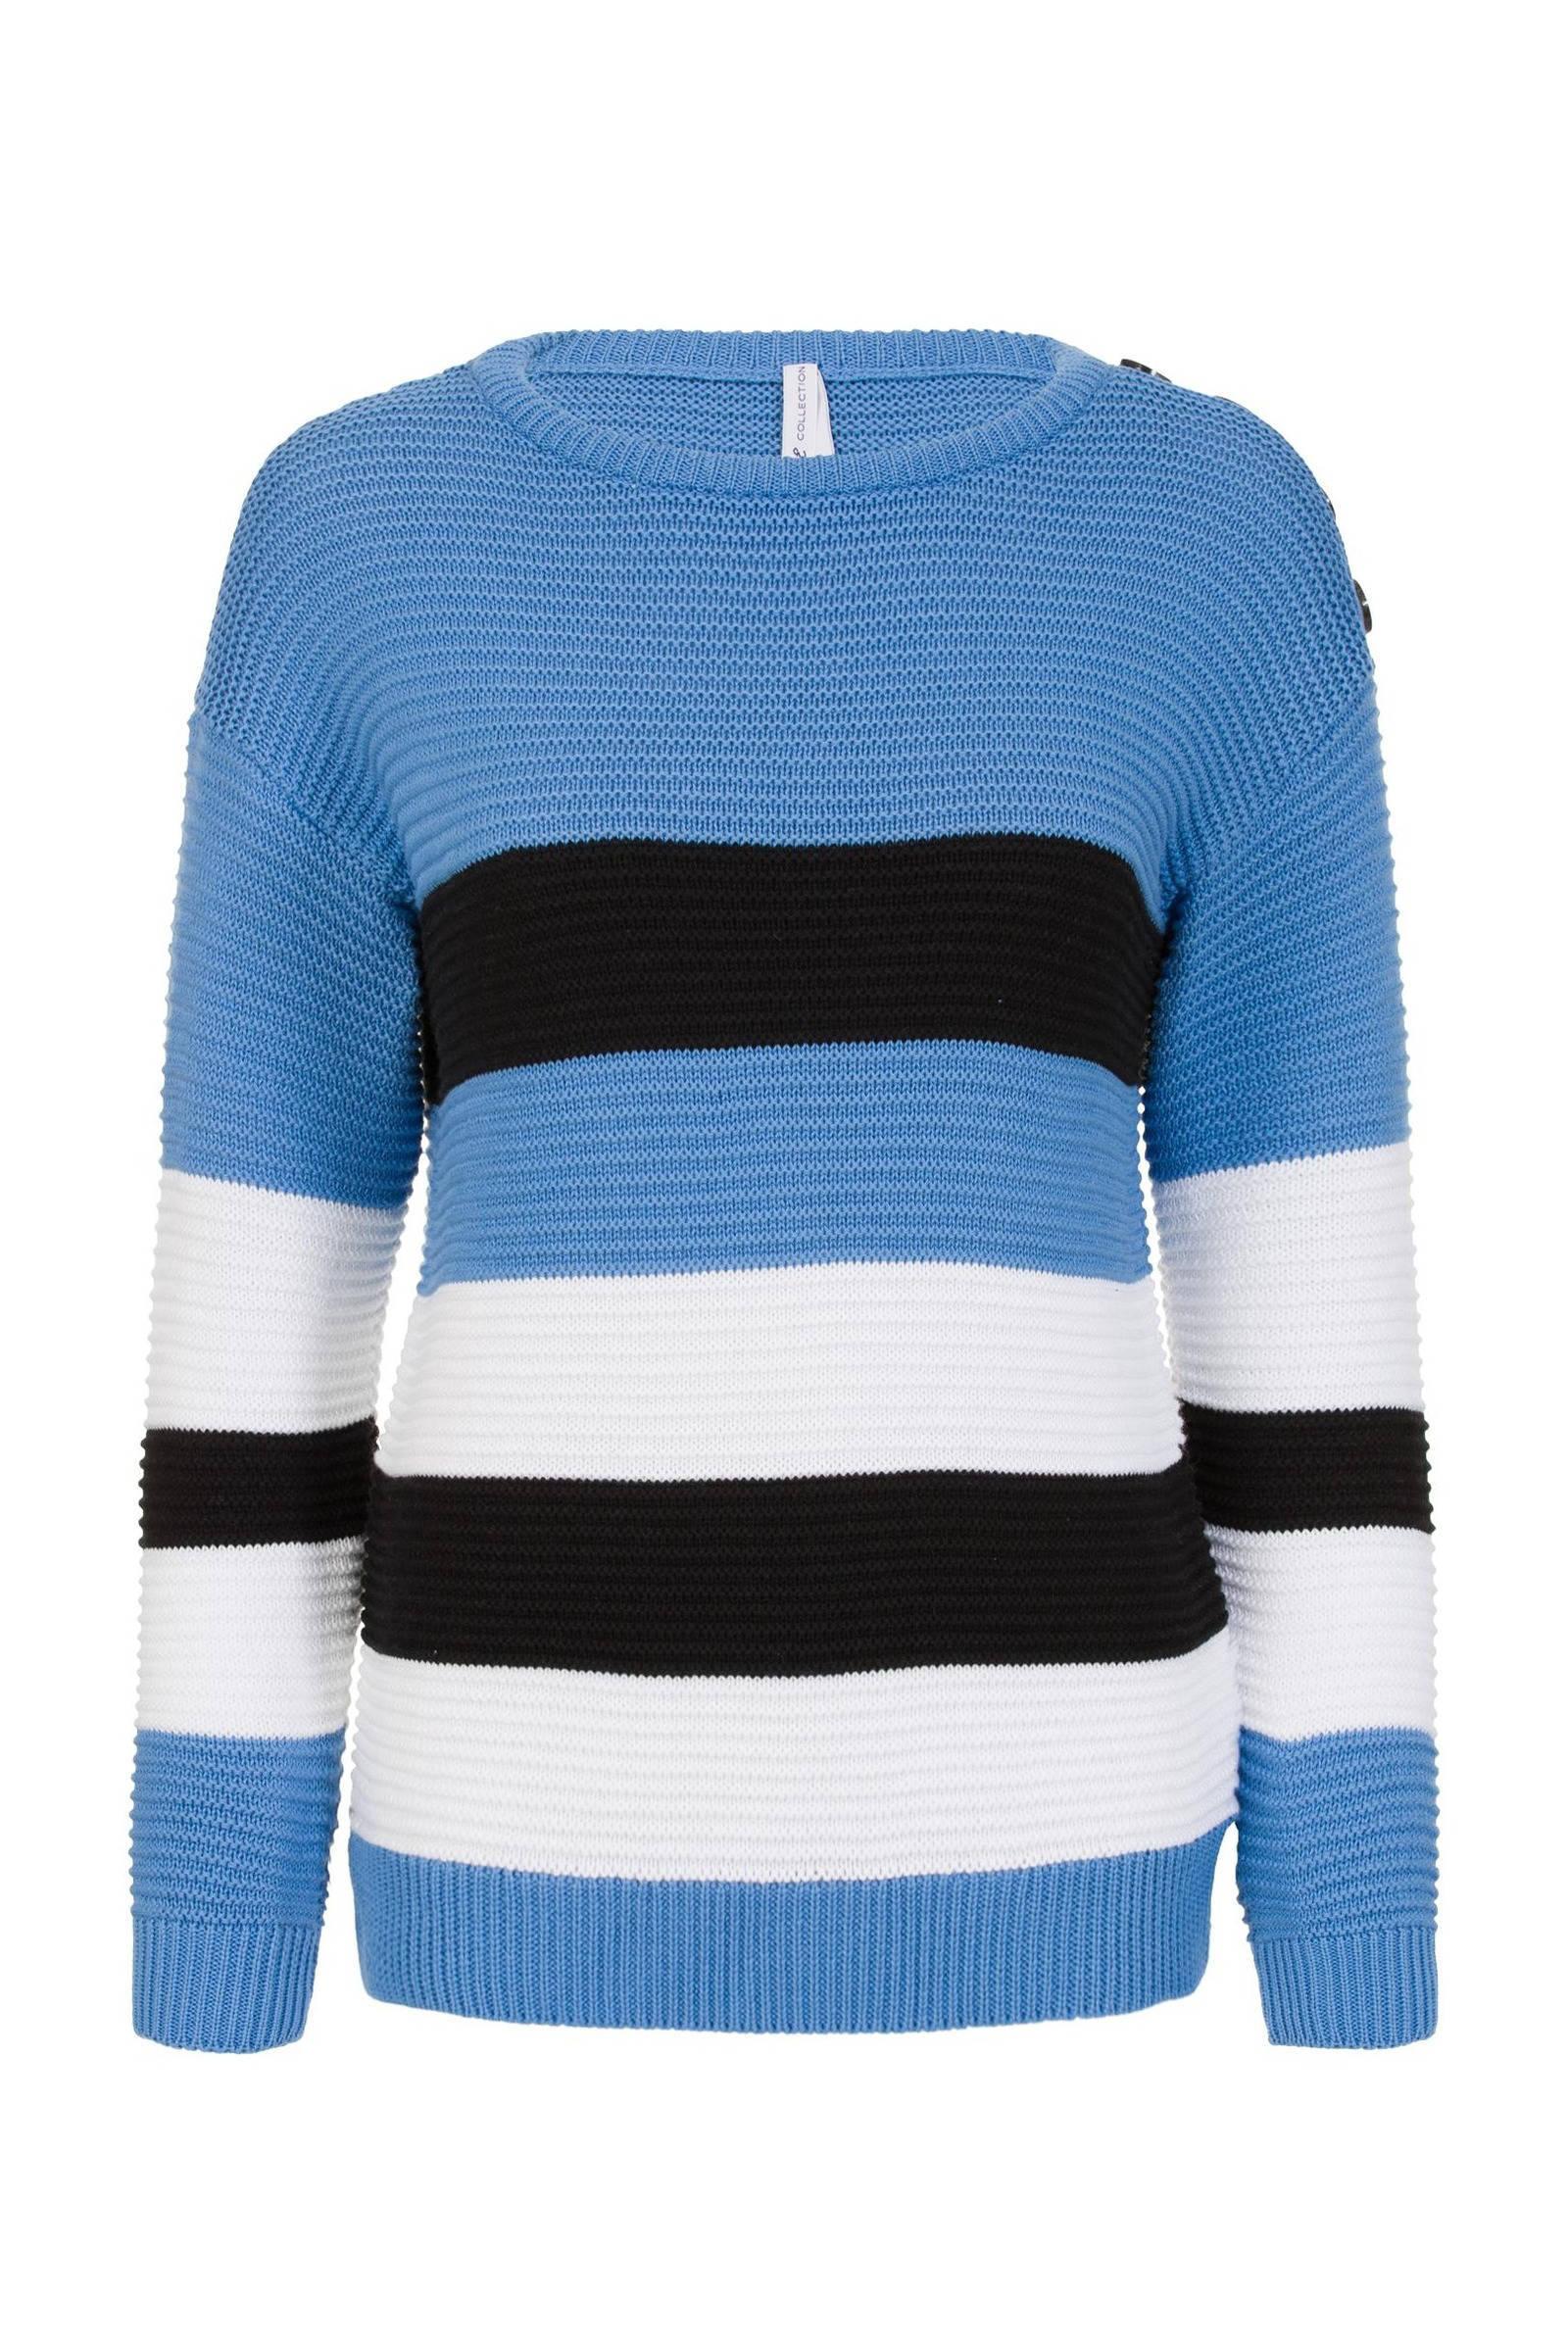 Gebreide trui Blauwwit KINDEREN | H&M NL